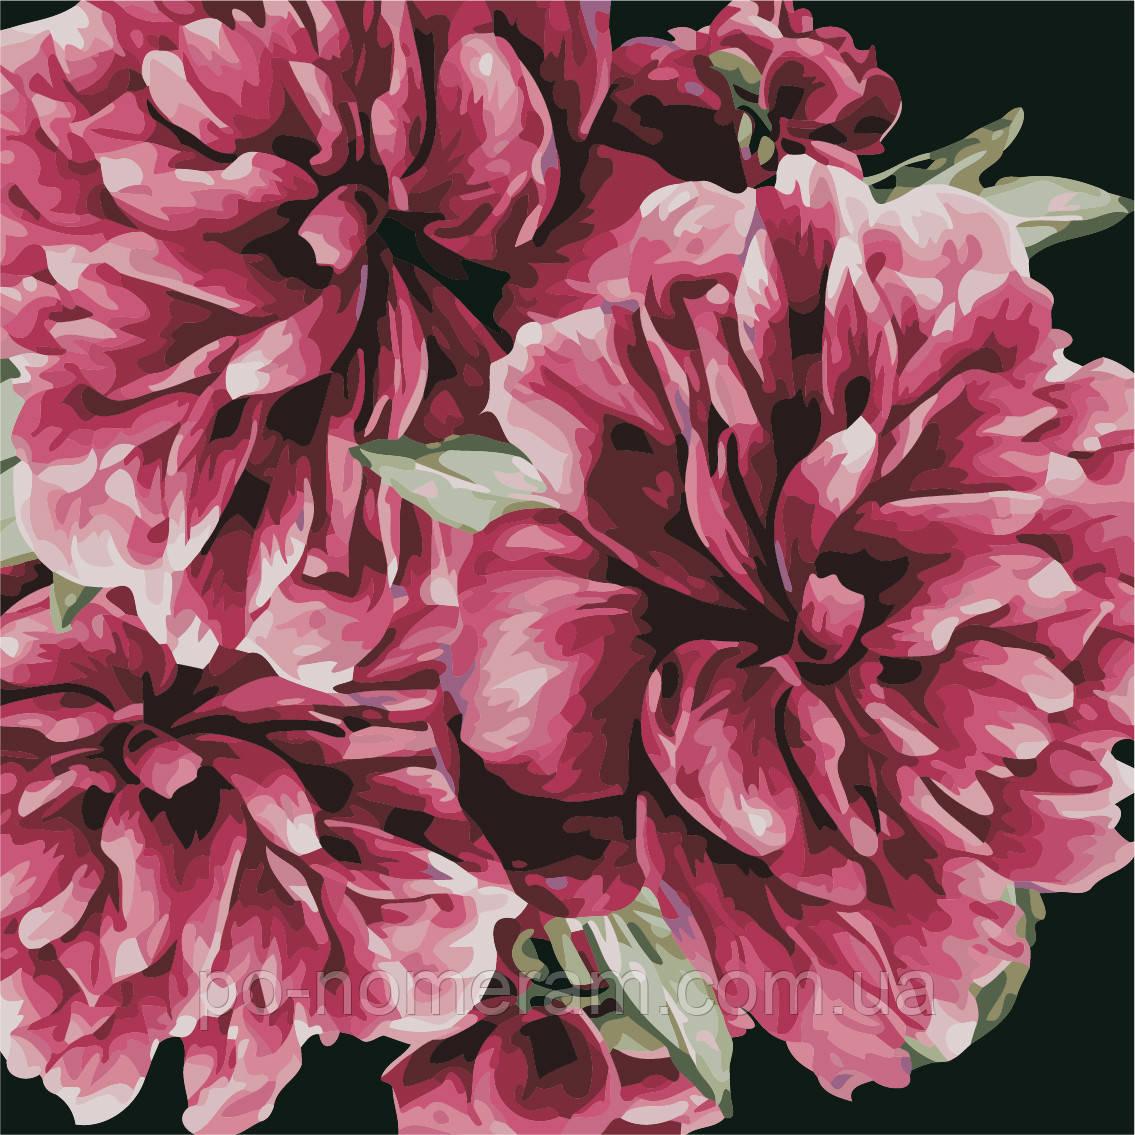 раскраска для взрослых цветы для тебя As0503 40 х 40 см Artstory без коробки купить киев на Po Nomeram